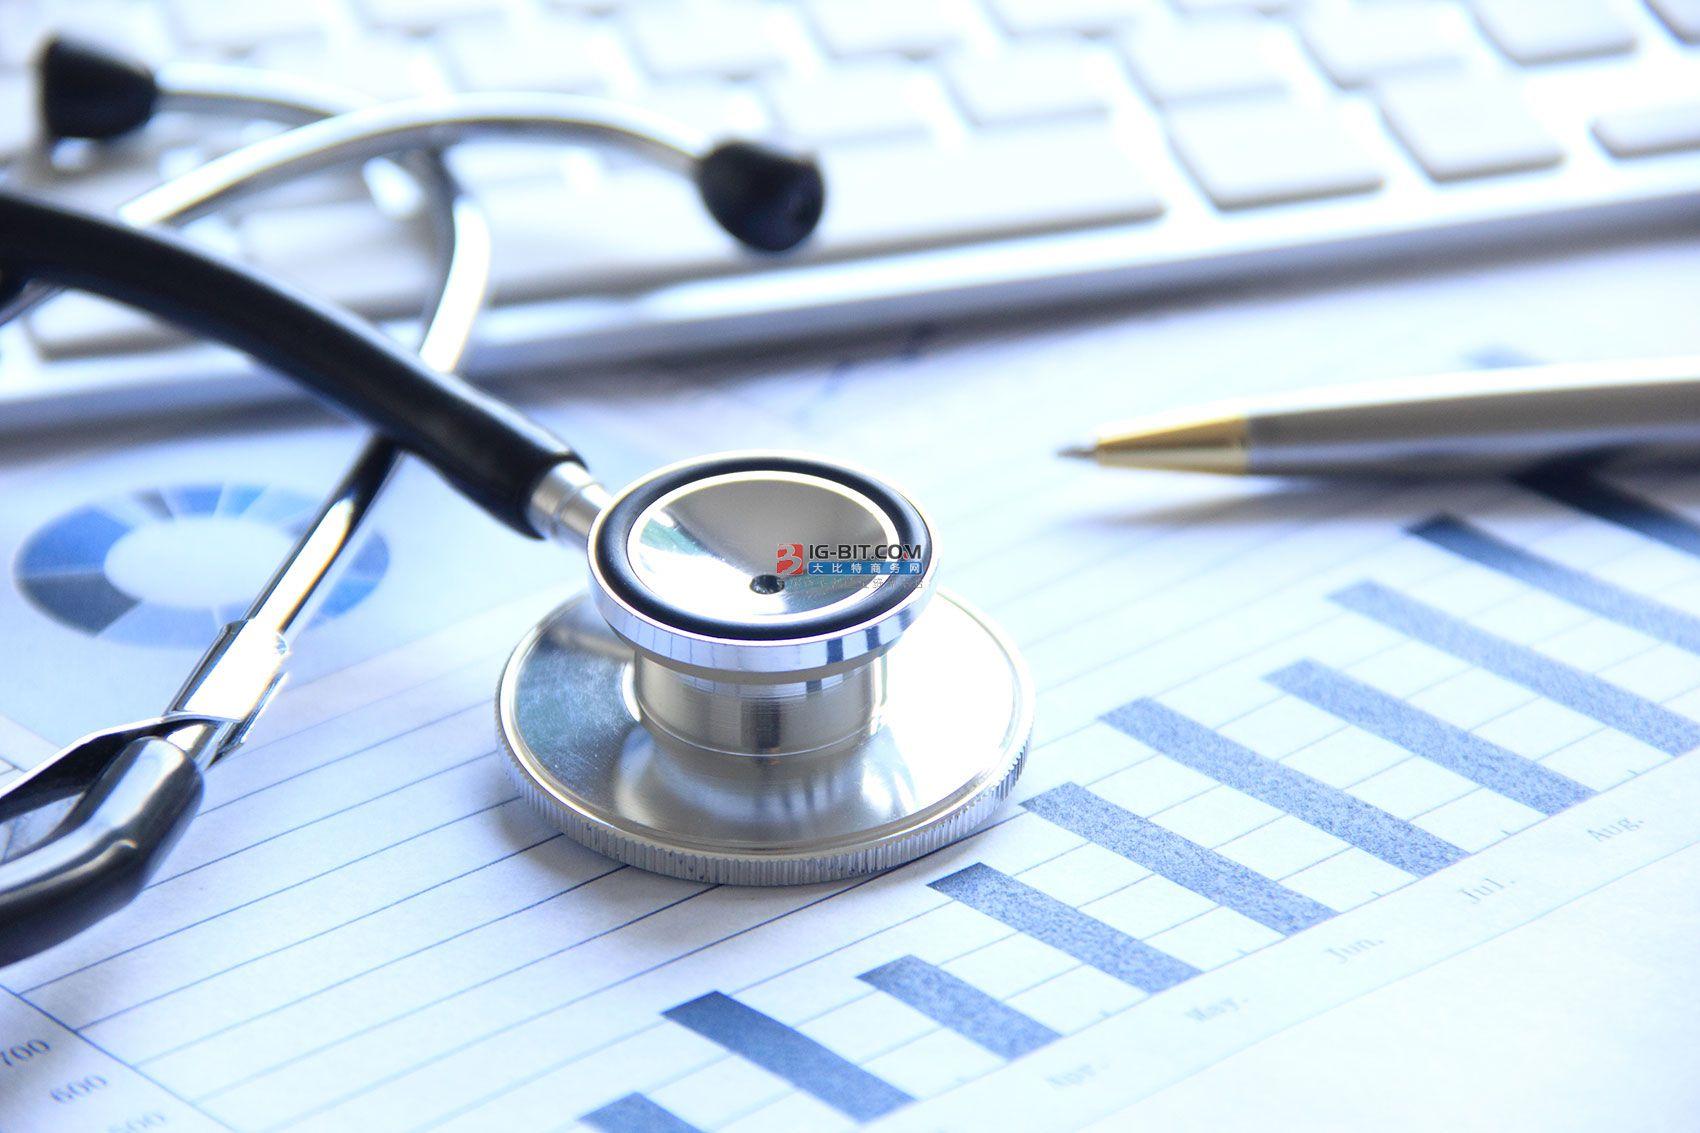 联合国牵头帮助135个国家获得抗疫关键医疗设备